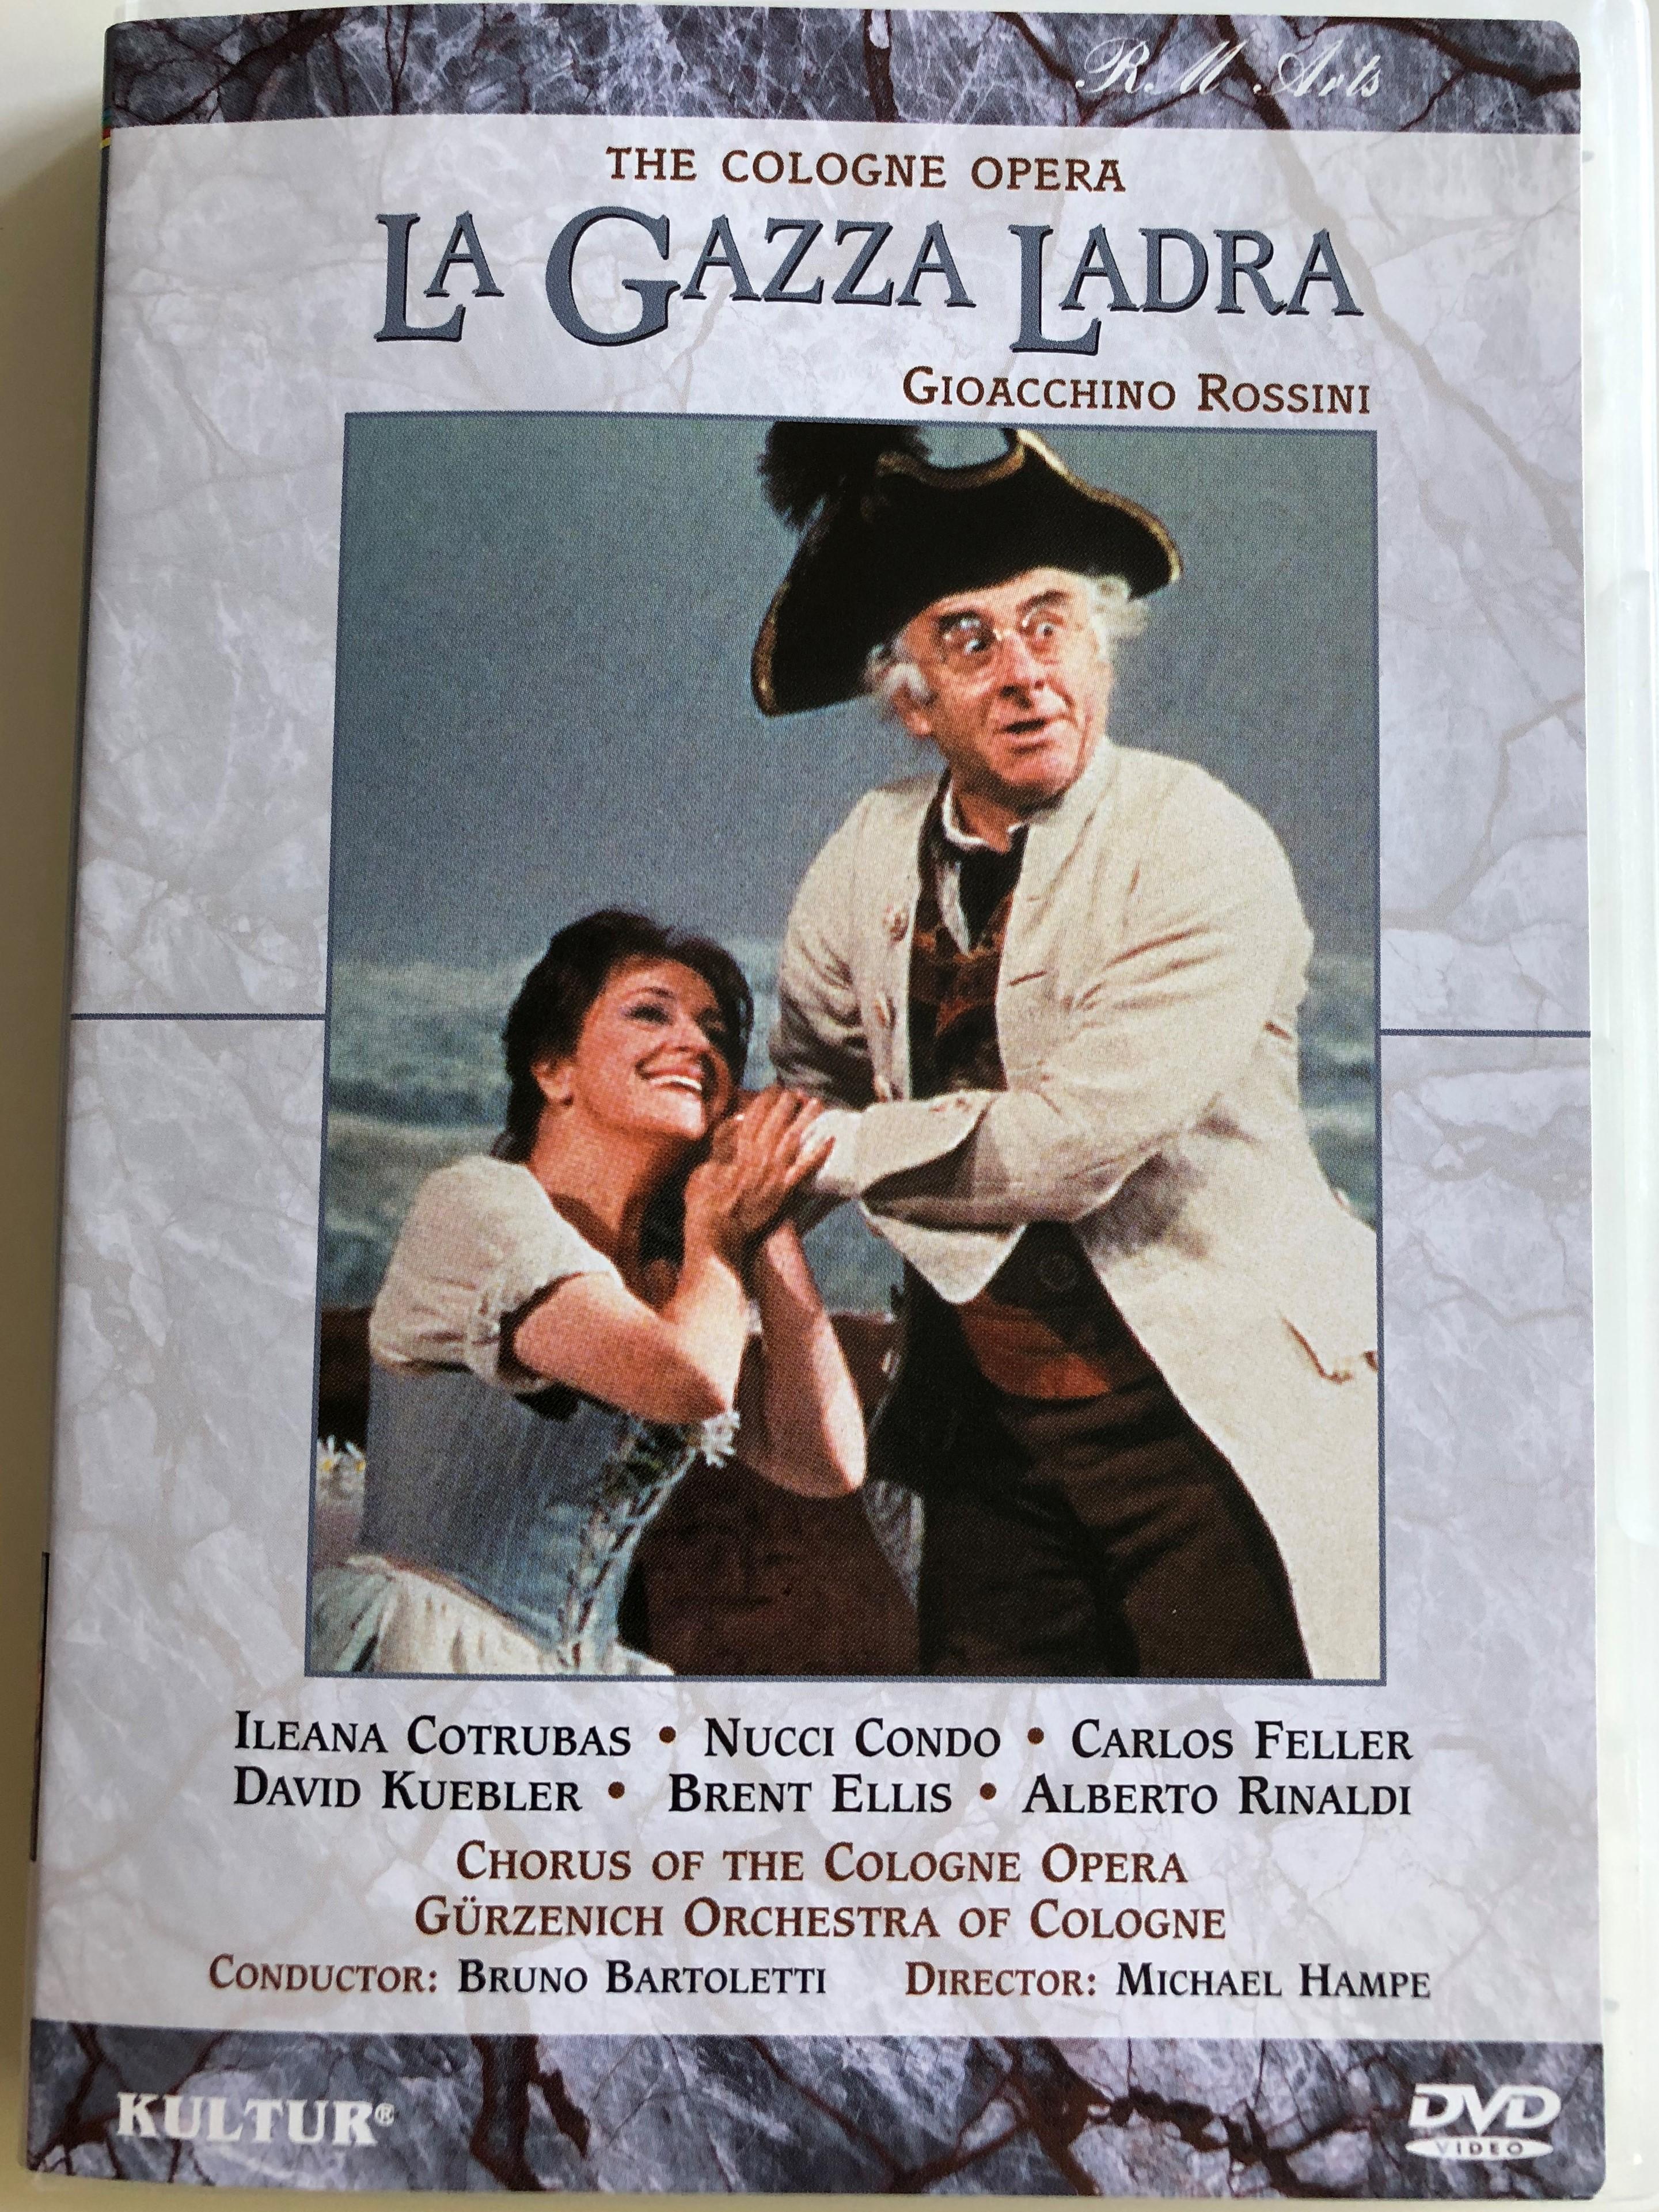 the-cologne-opera-gioacchino-rossini-la-gazza-ladra-dvd-2002-chorus-of-the-cologne-opera-g-rzenich-orchestra-of-cologne-conducted-by-brun-bartoletti-directed-by-michael-hampe-1-.jpg